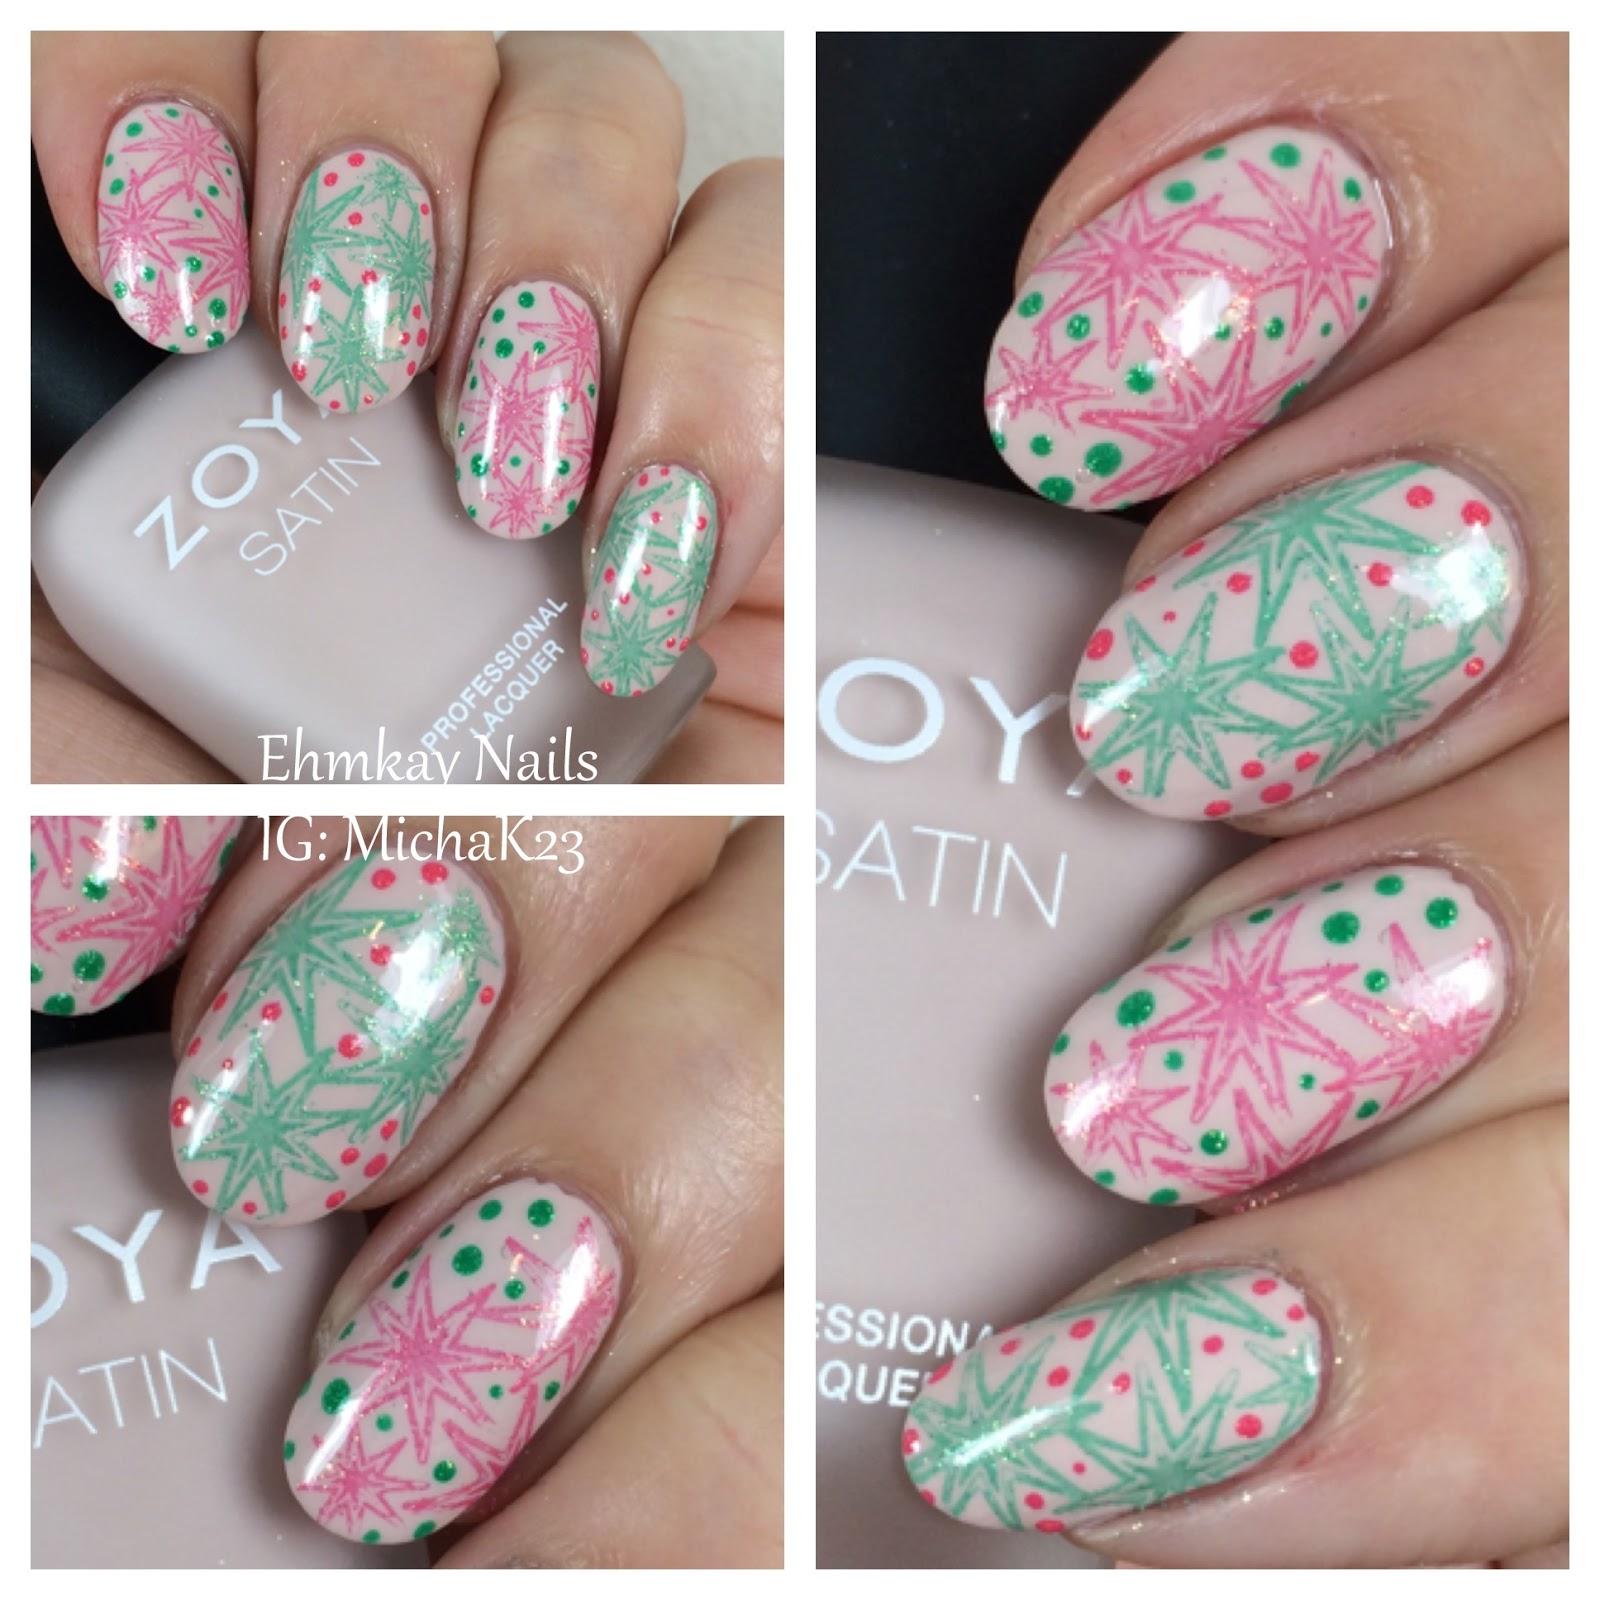 ehmkay nails: 35th Anniversary Nails with Coral and Jade Nail Art